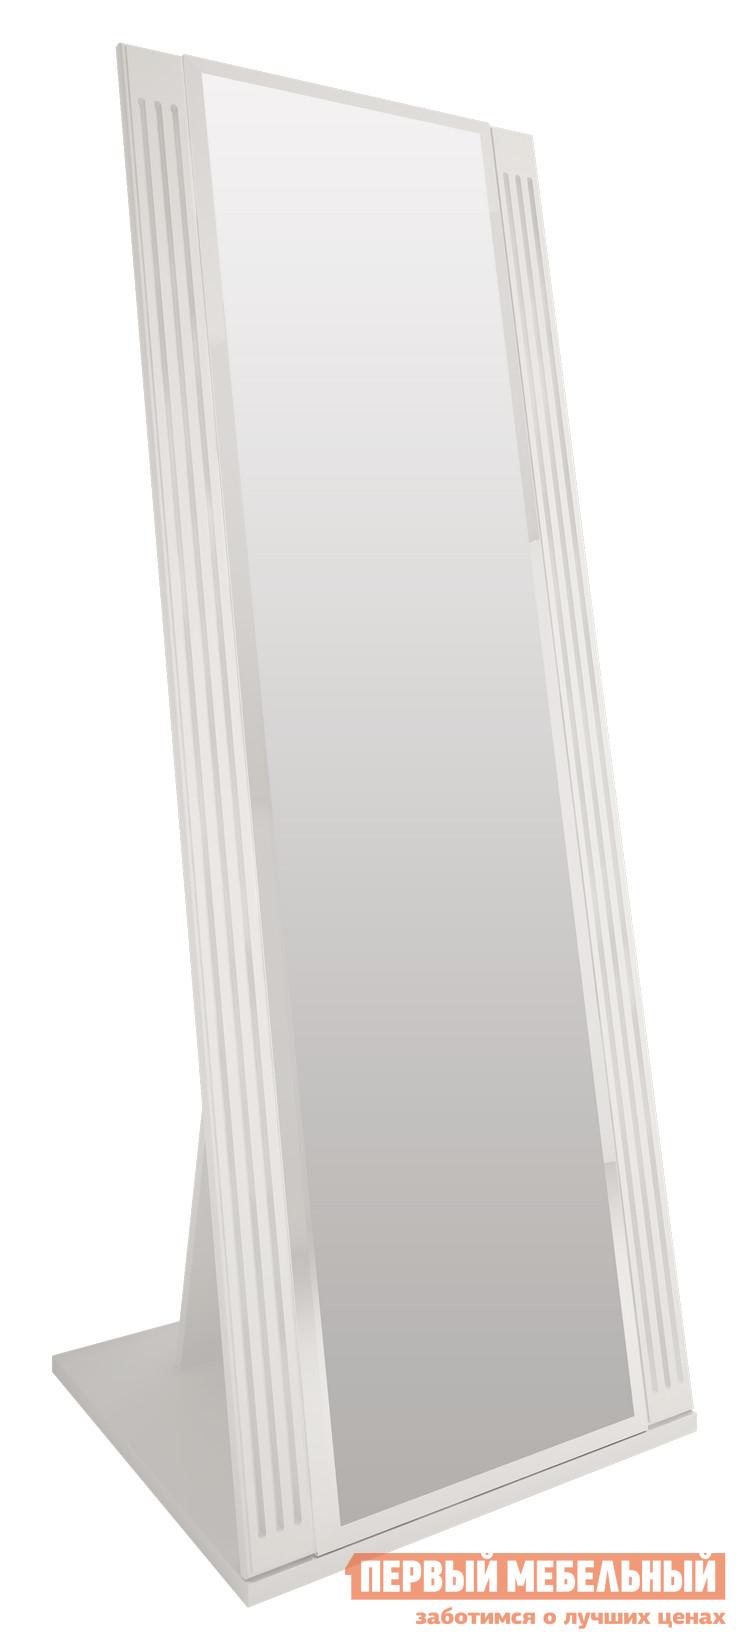 Напольное зеркало ТД Арника Виктория 08 изголовье кровати с полками тд арника принесса 08